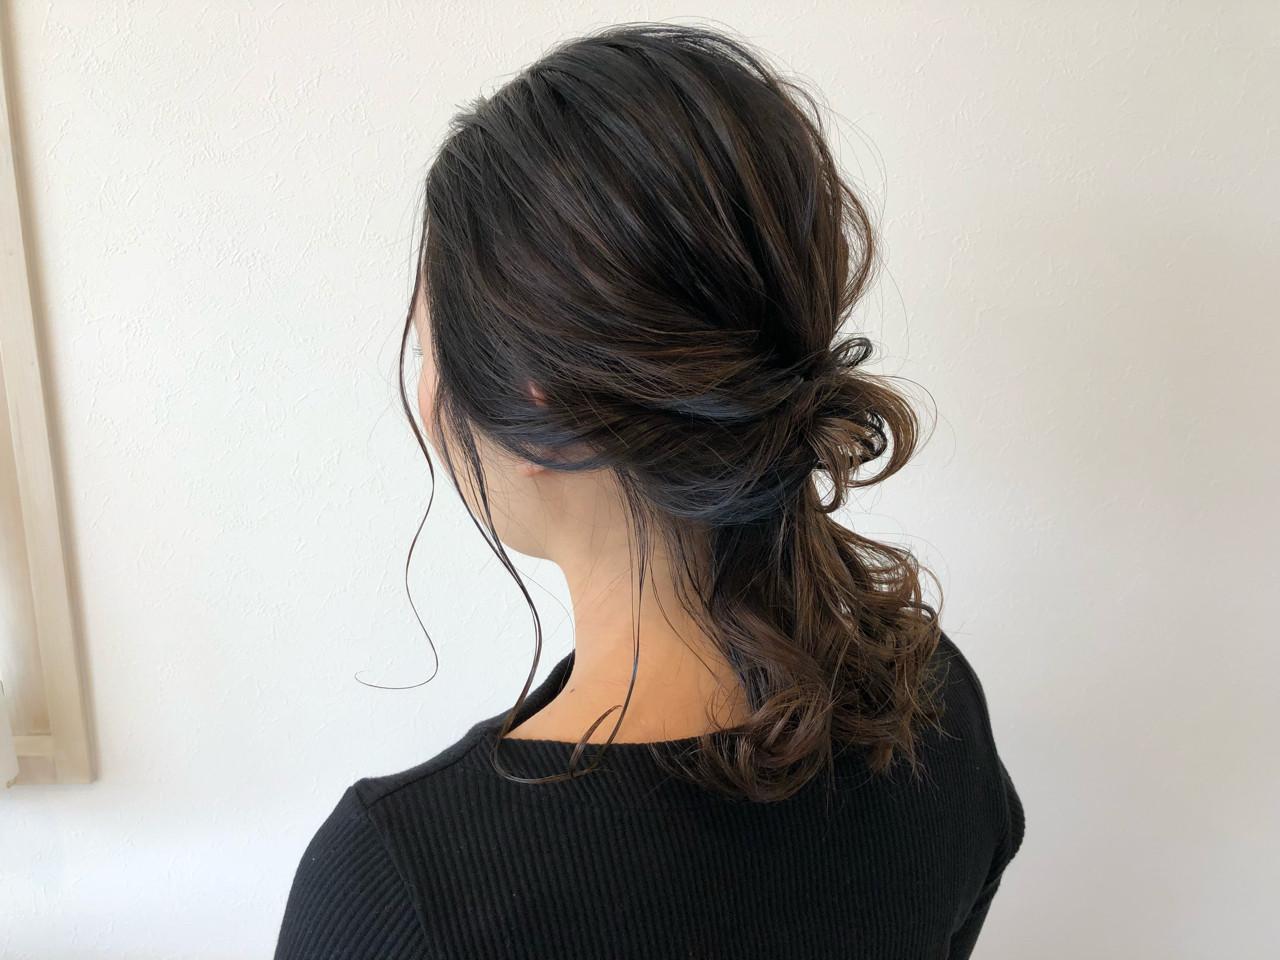 簡単ヘアアレンジ ヘアアレンジ 抜け感 外国人風 ヘアスタイルや髪型の写真・画像 | 宇渡 裕一 / Lillie hair&spa